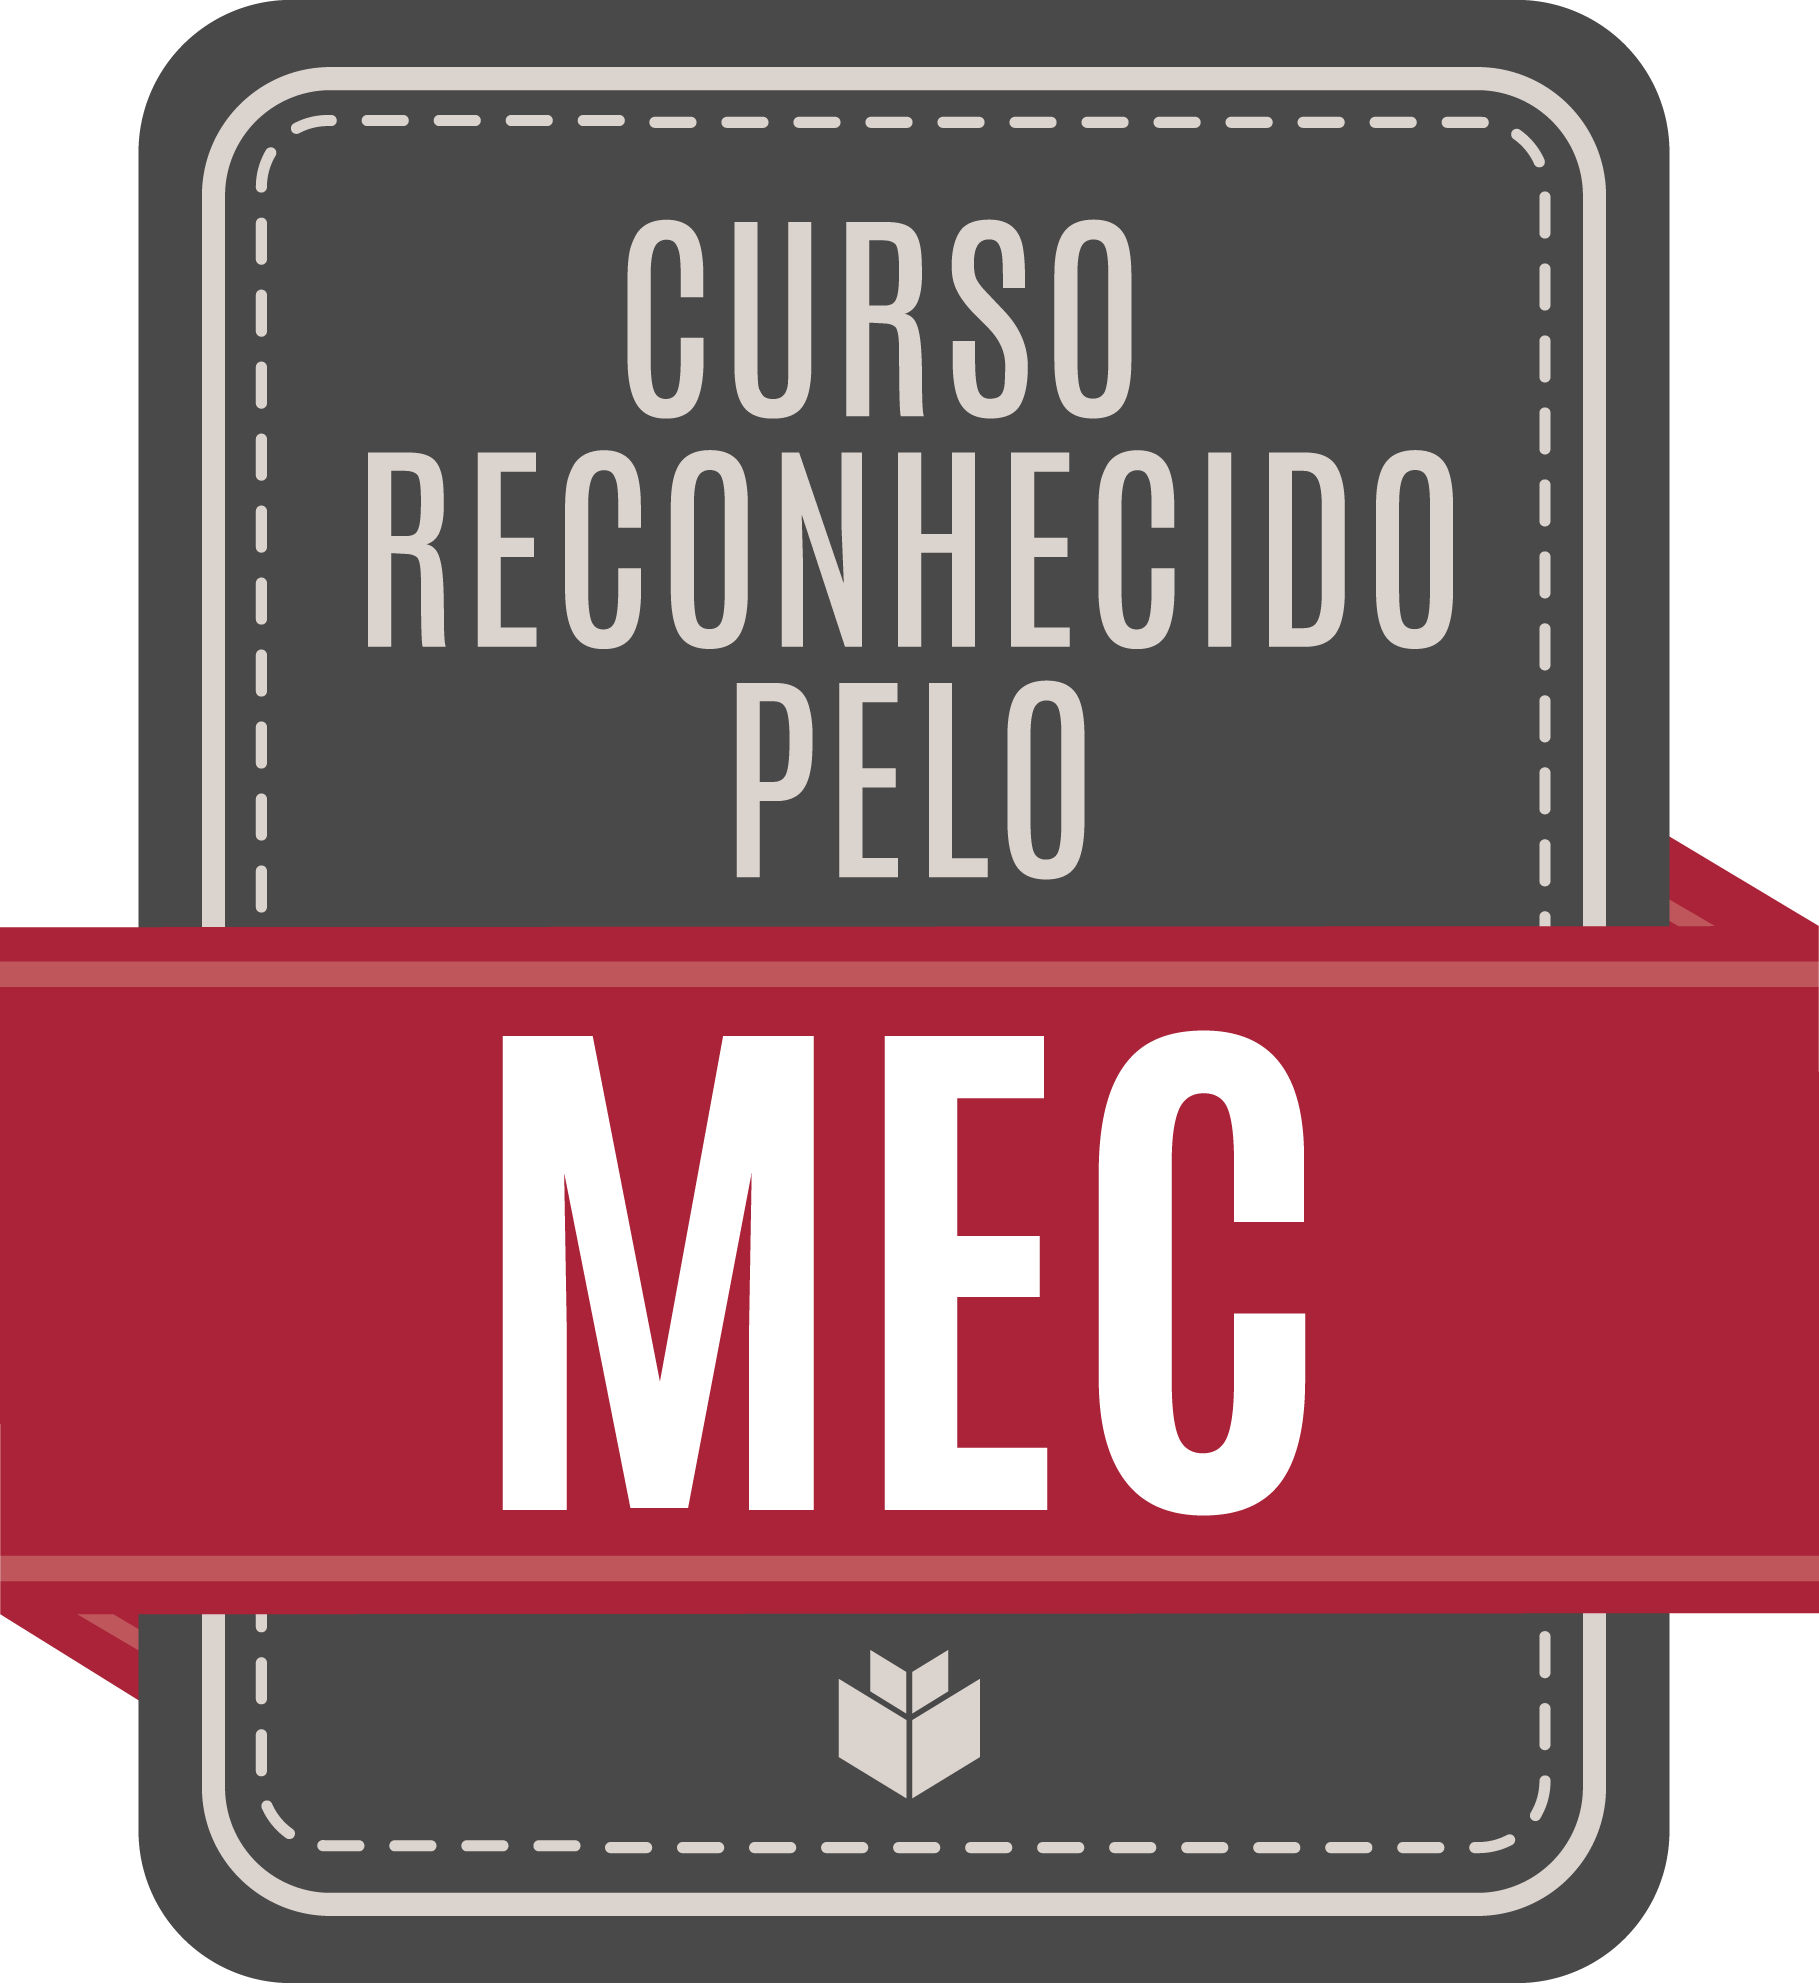 curso-reconhecido-pelo-mec